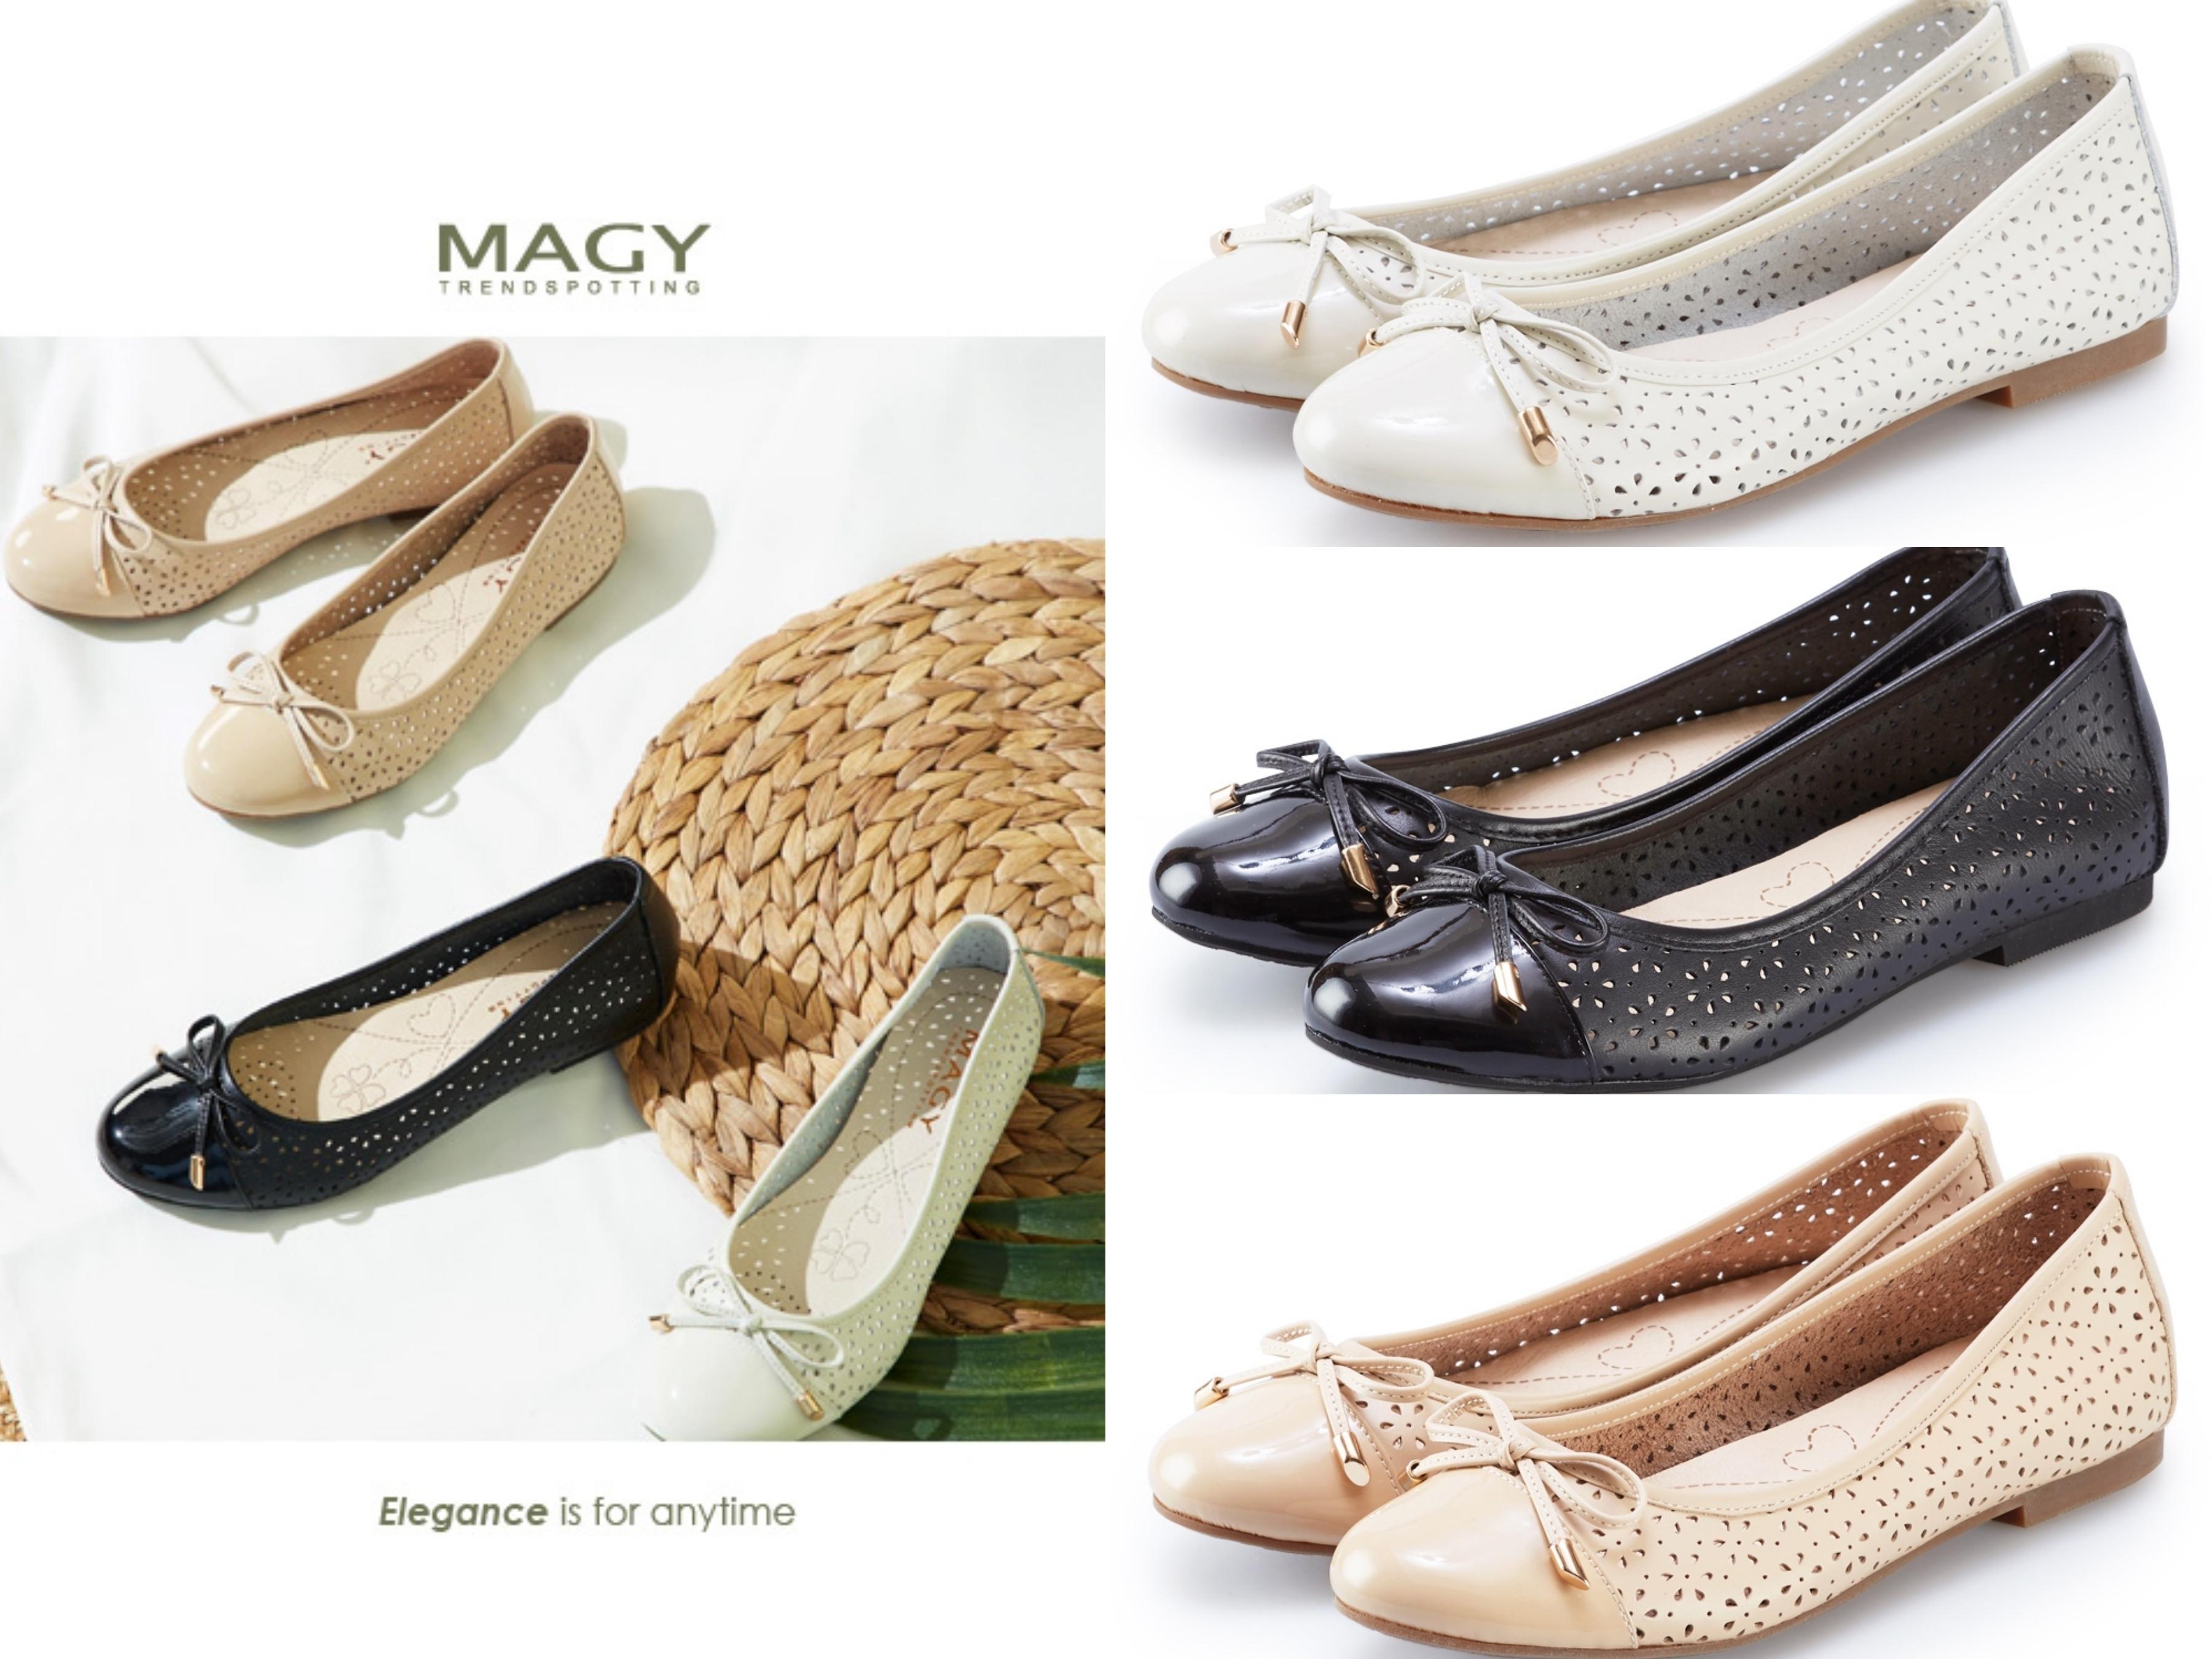 好評不斷的舒適平底鞋,以好穿、百搭,為基本設計重點